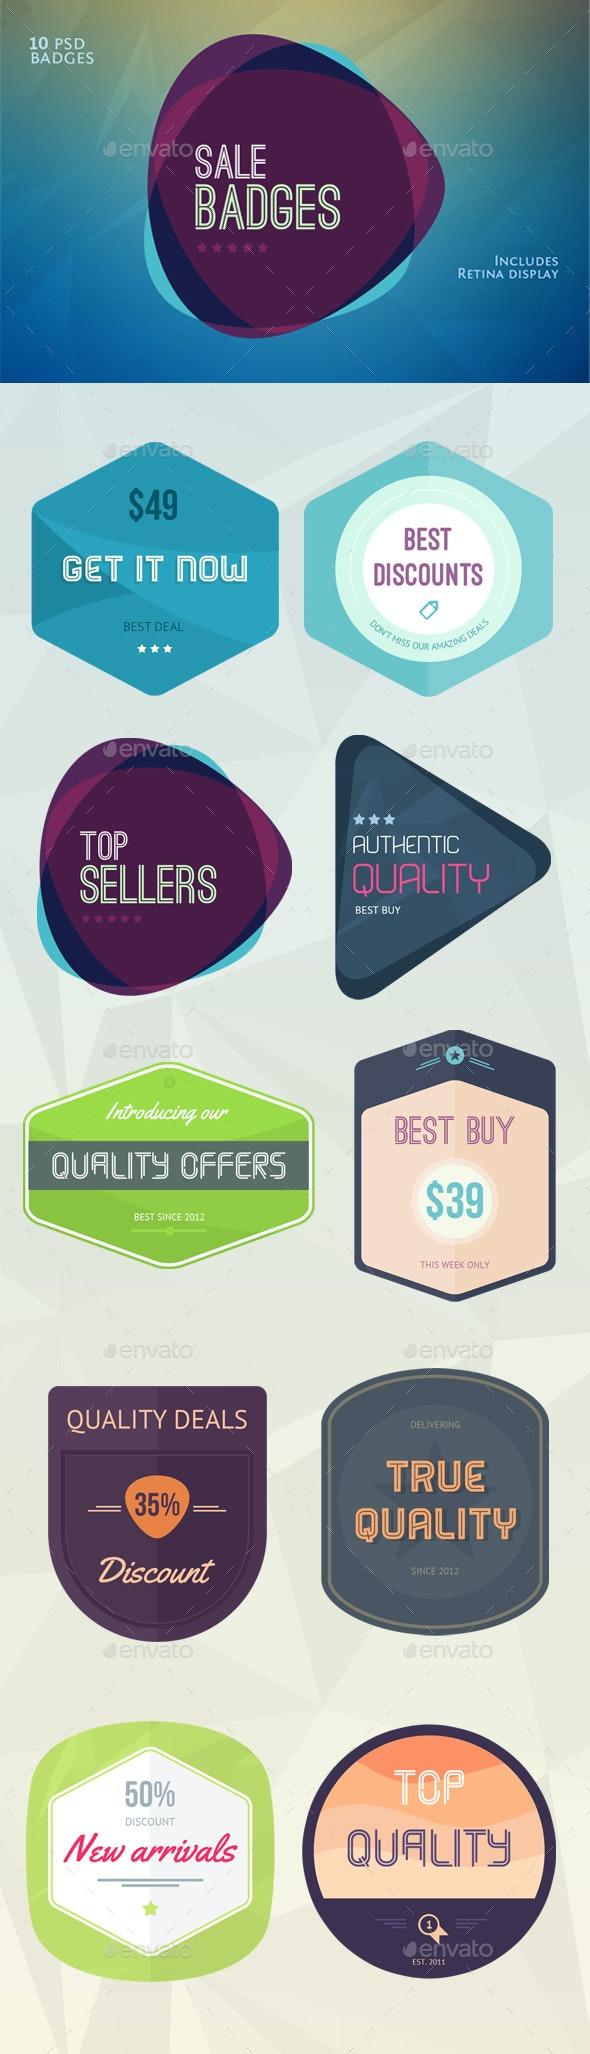 Flat Flavour Sales Badges - Badges & Stickers Web Elements